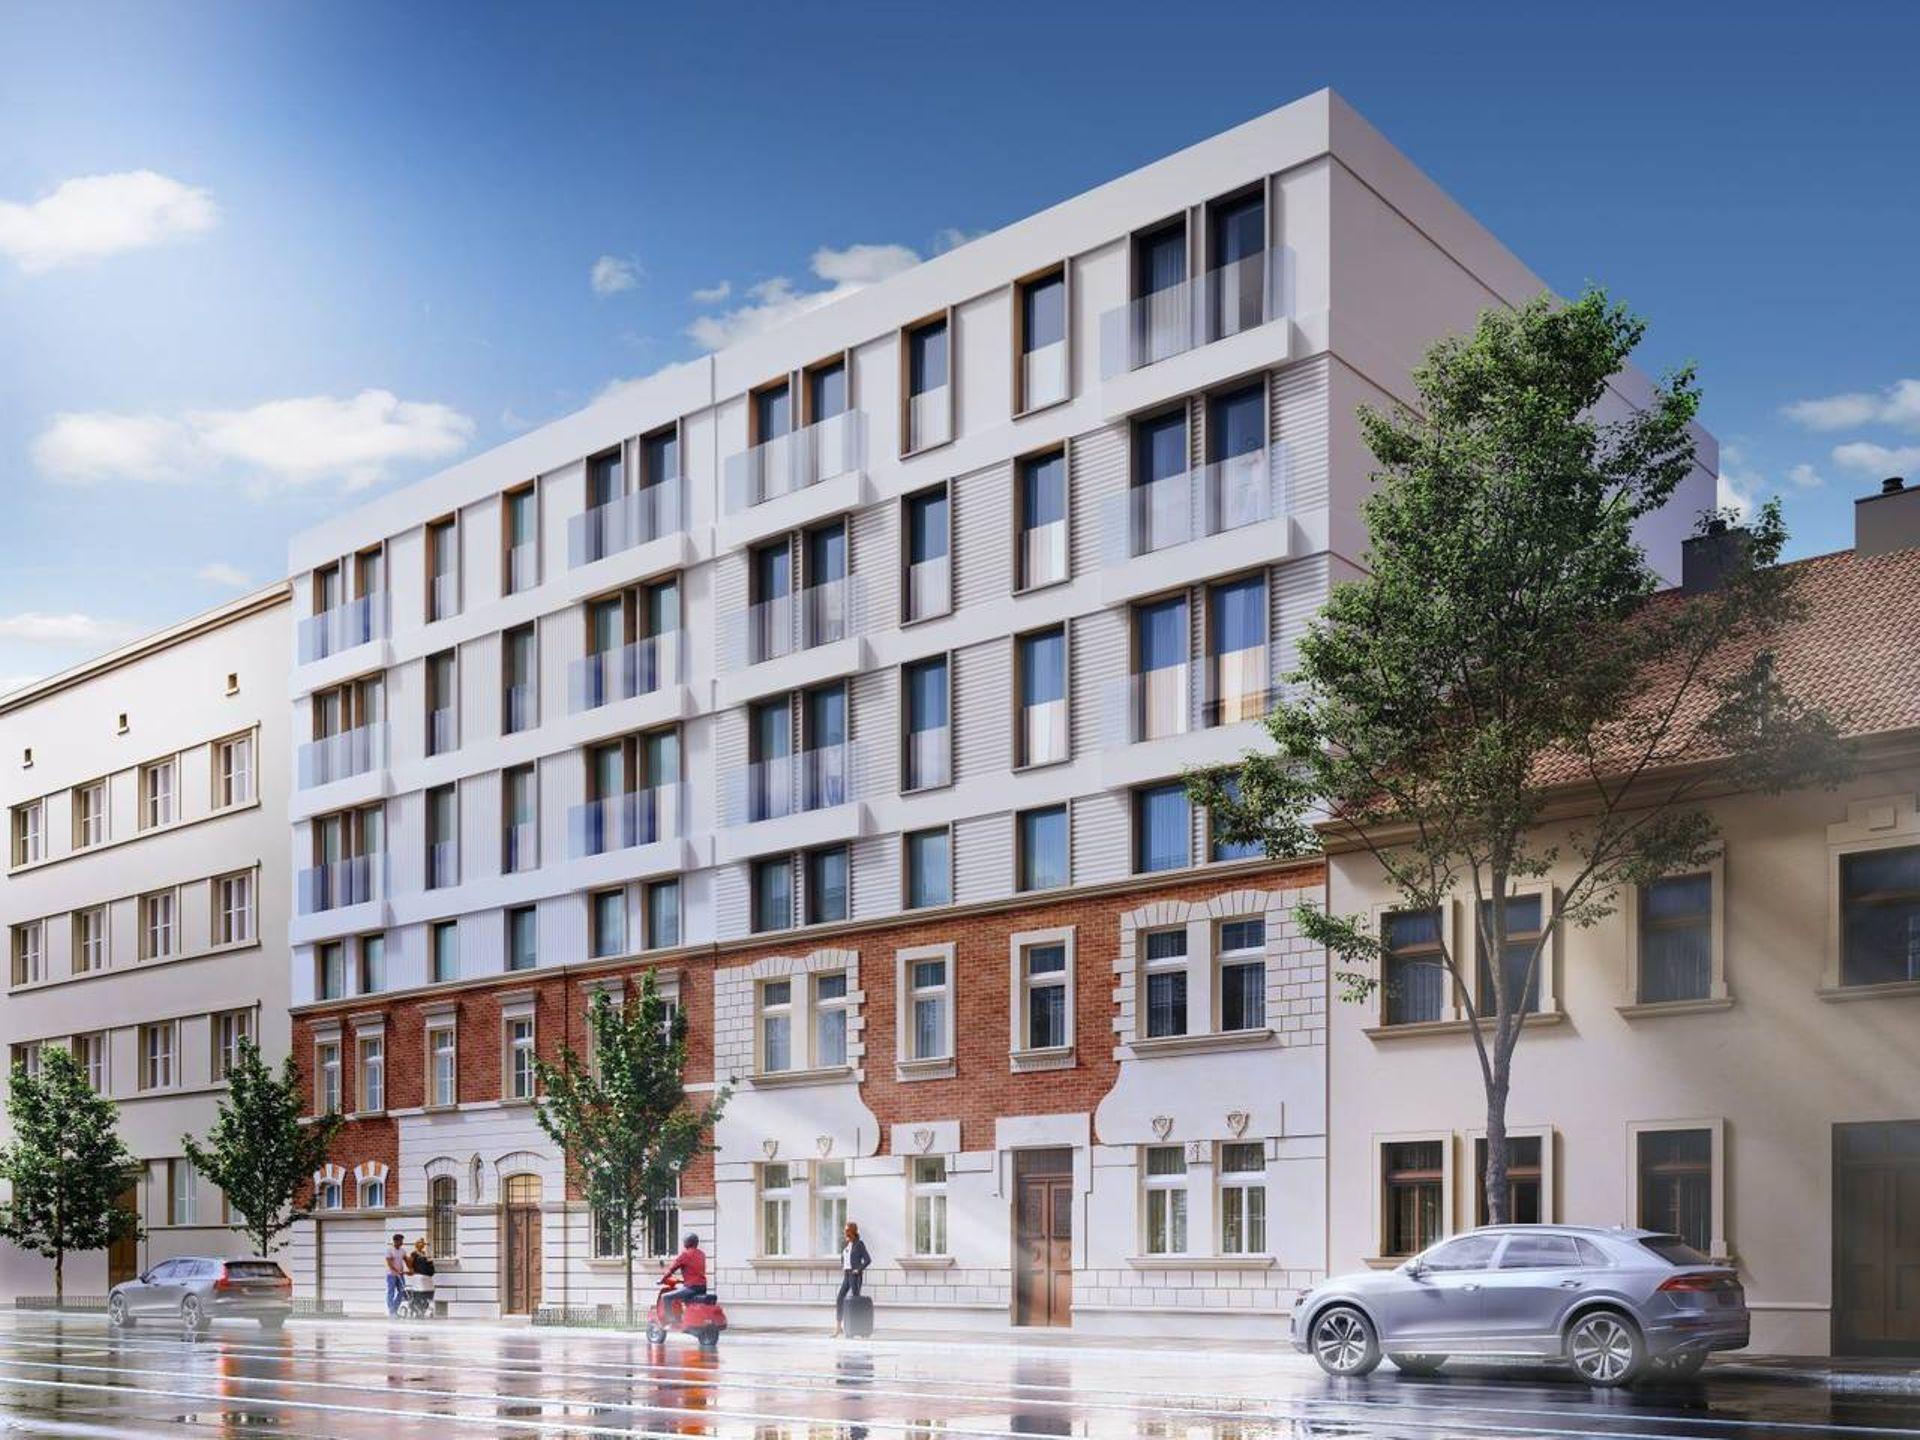 Na krakowskim Salwatorze trwa budowa Duo Residence [ZDJĘCIA + WIZUALIZACJE]